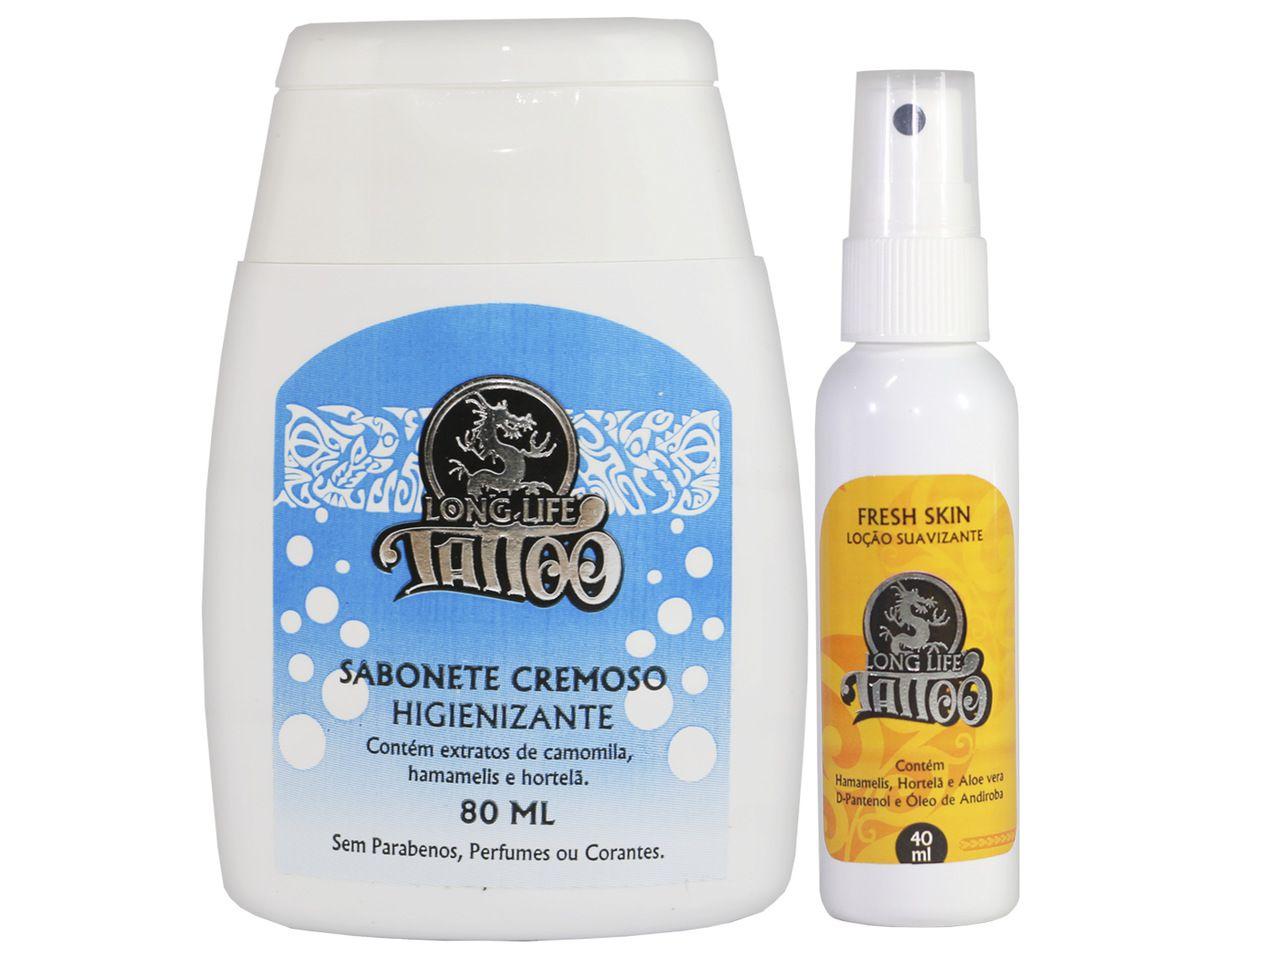 Kit de Cuidados (Fresh Skin Loção 40 ml + Sabonete Cremoso 80 ml )